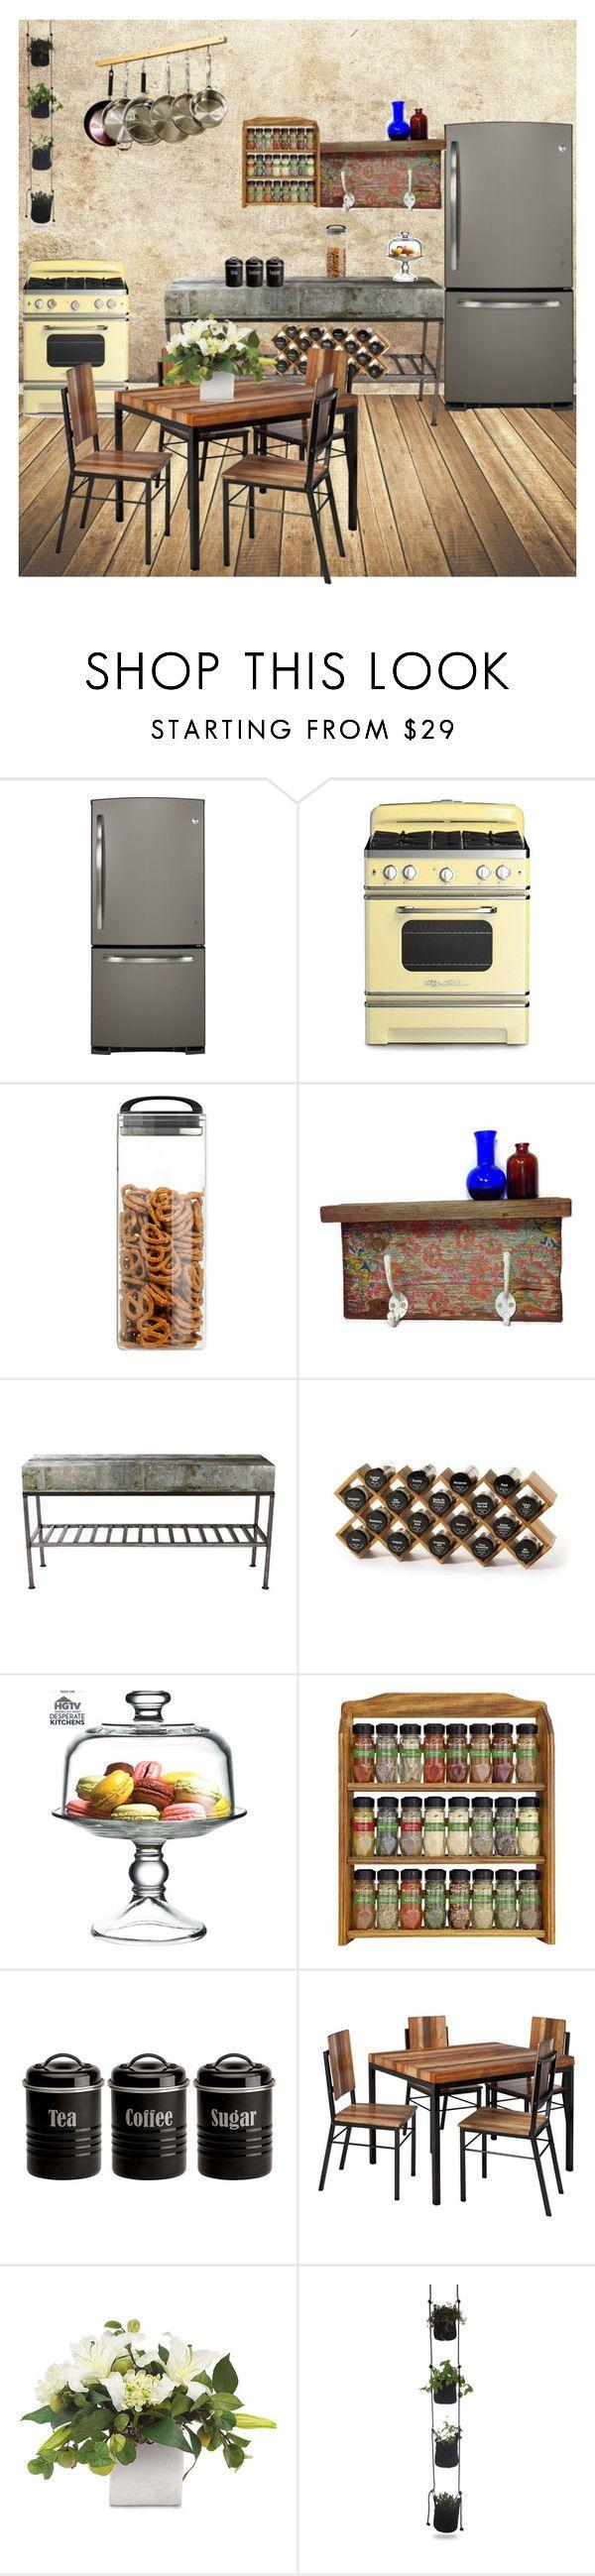 187 best Kamenstein images on Pinterest   Spice, Spices and Kitchen ...